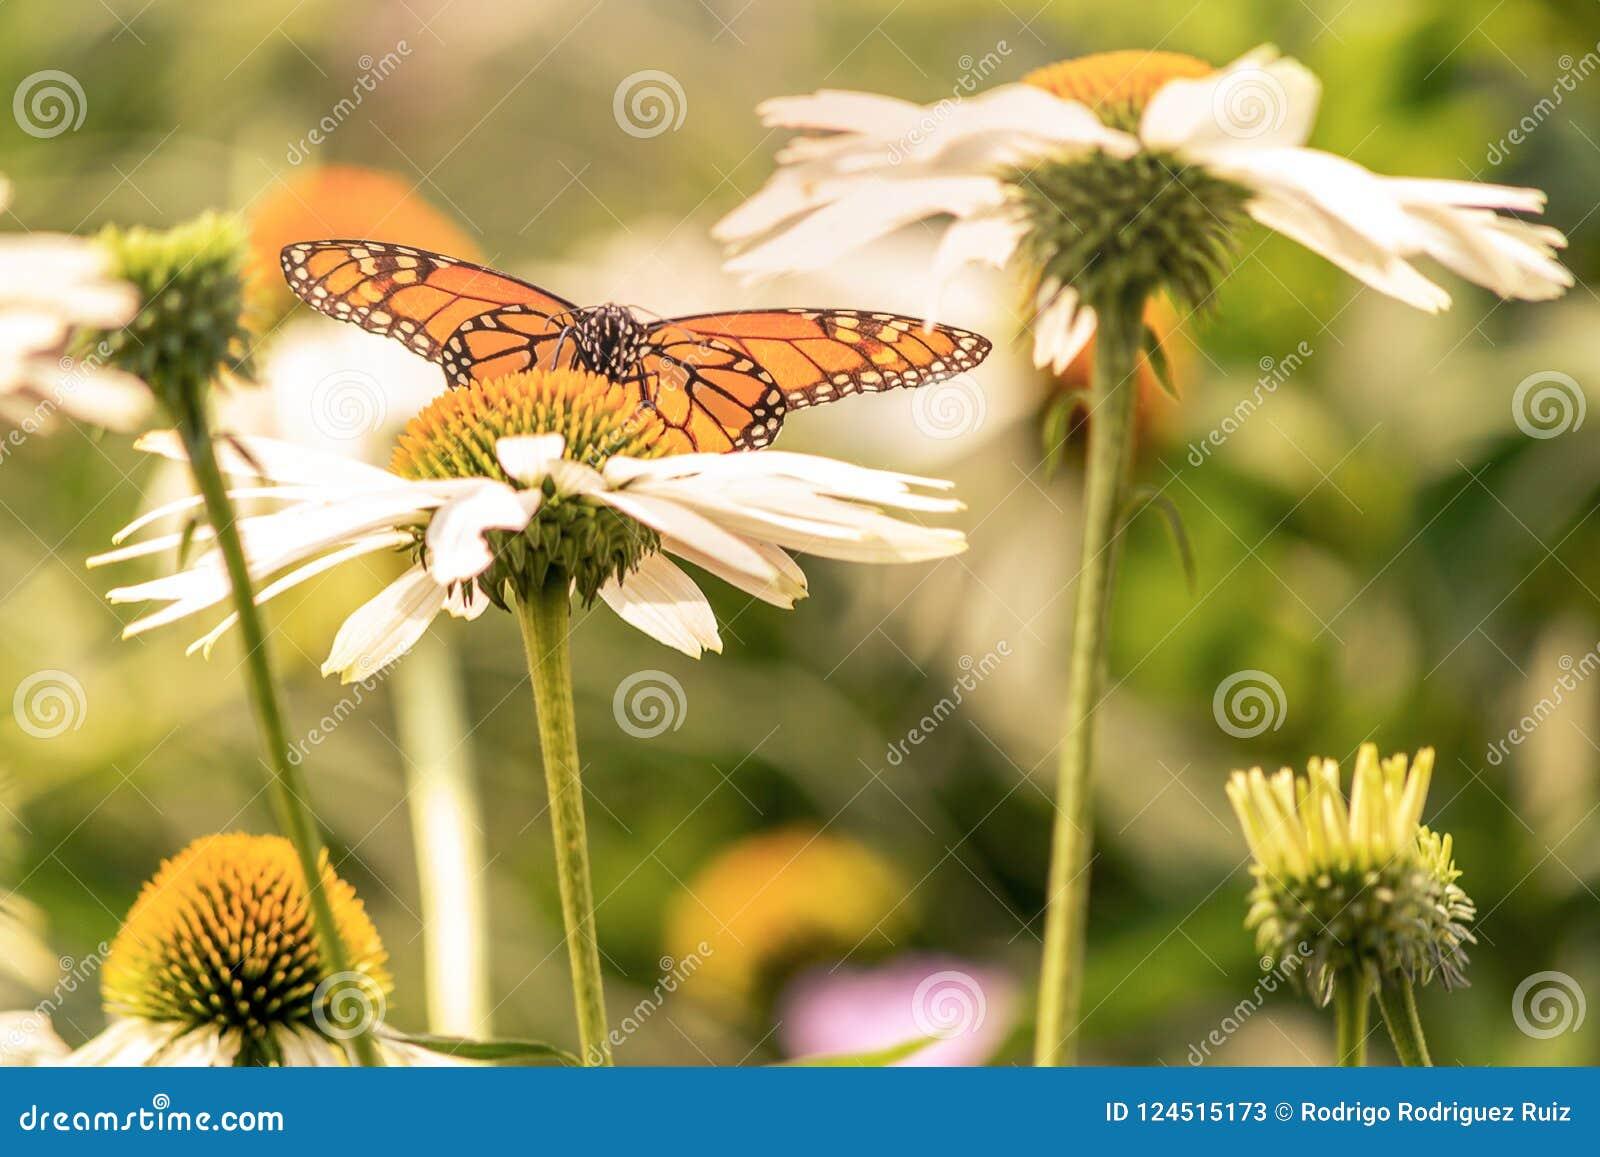 Μια πεταλούδα μοναρχών που προσγειώνεται σε ένα άσπρο λουλούδι